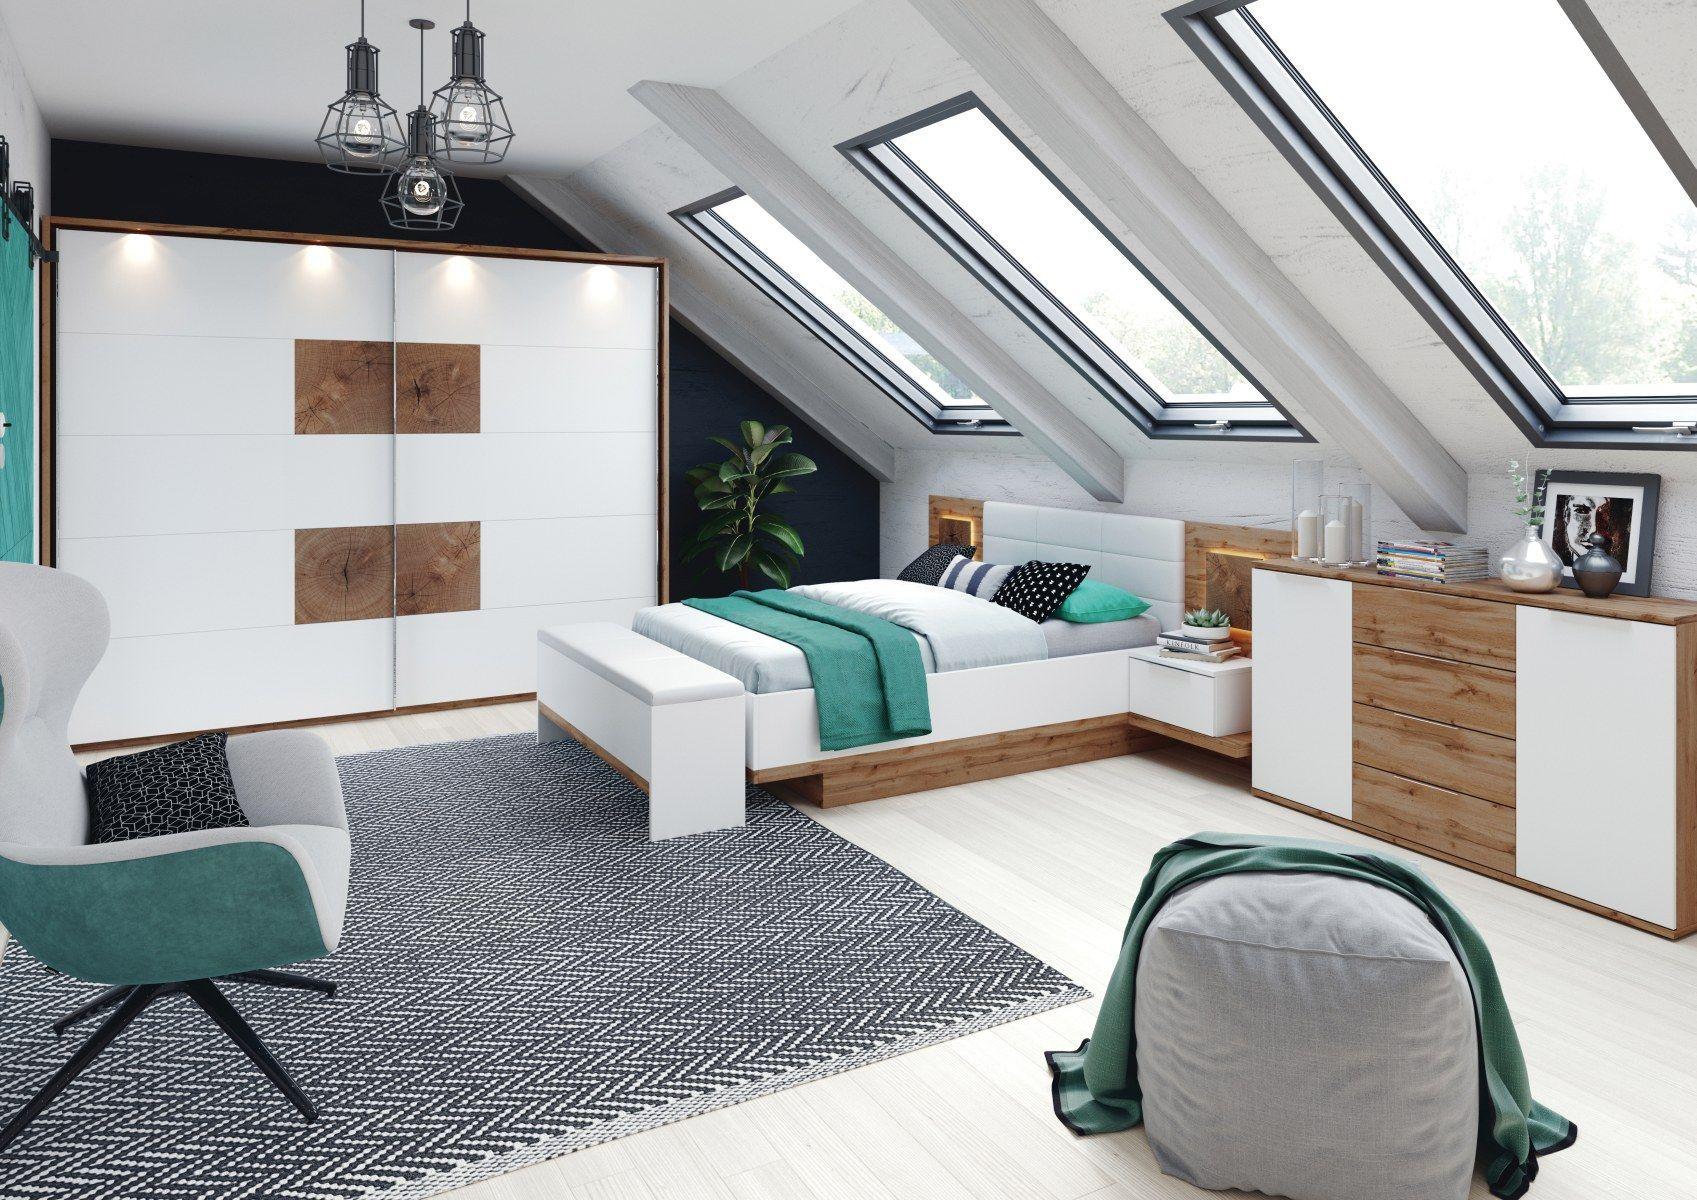 livorno sypialnia 2 3